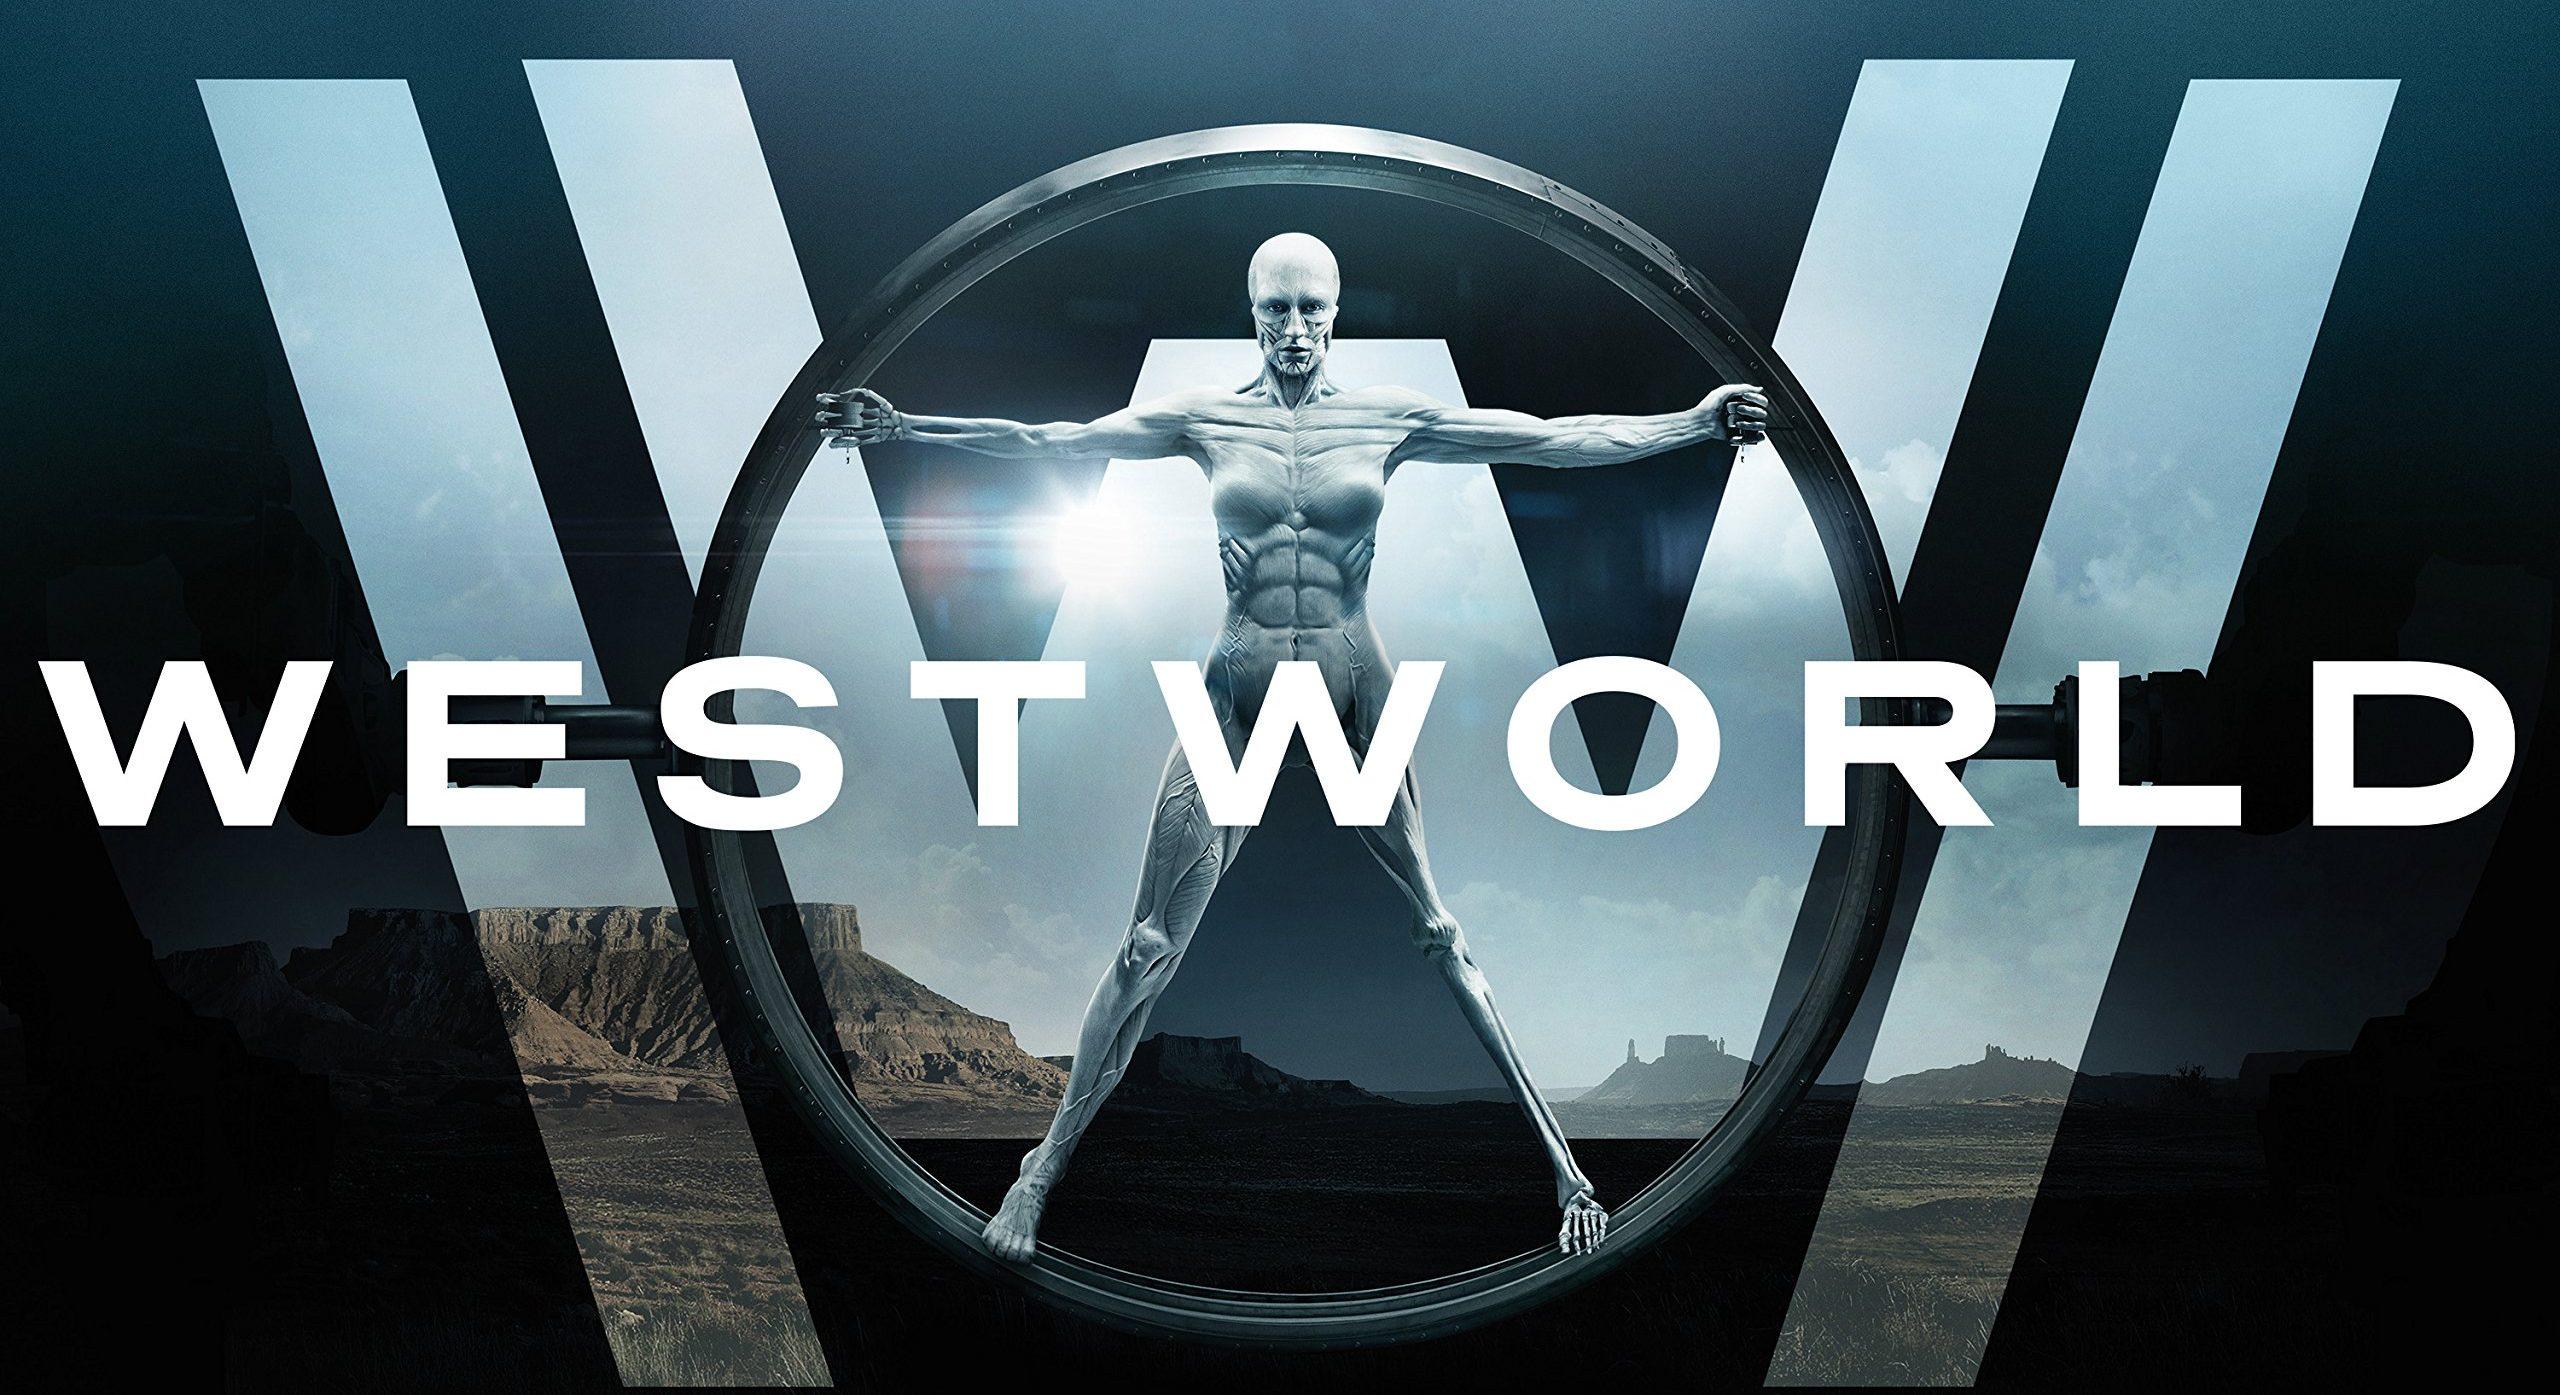 Westworld Spiel